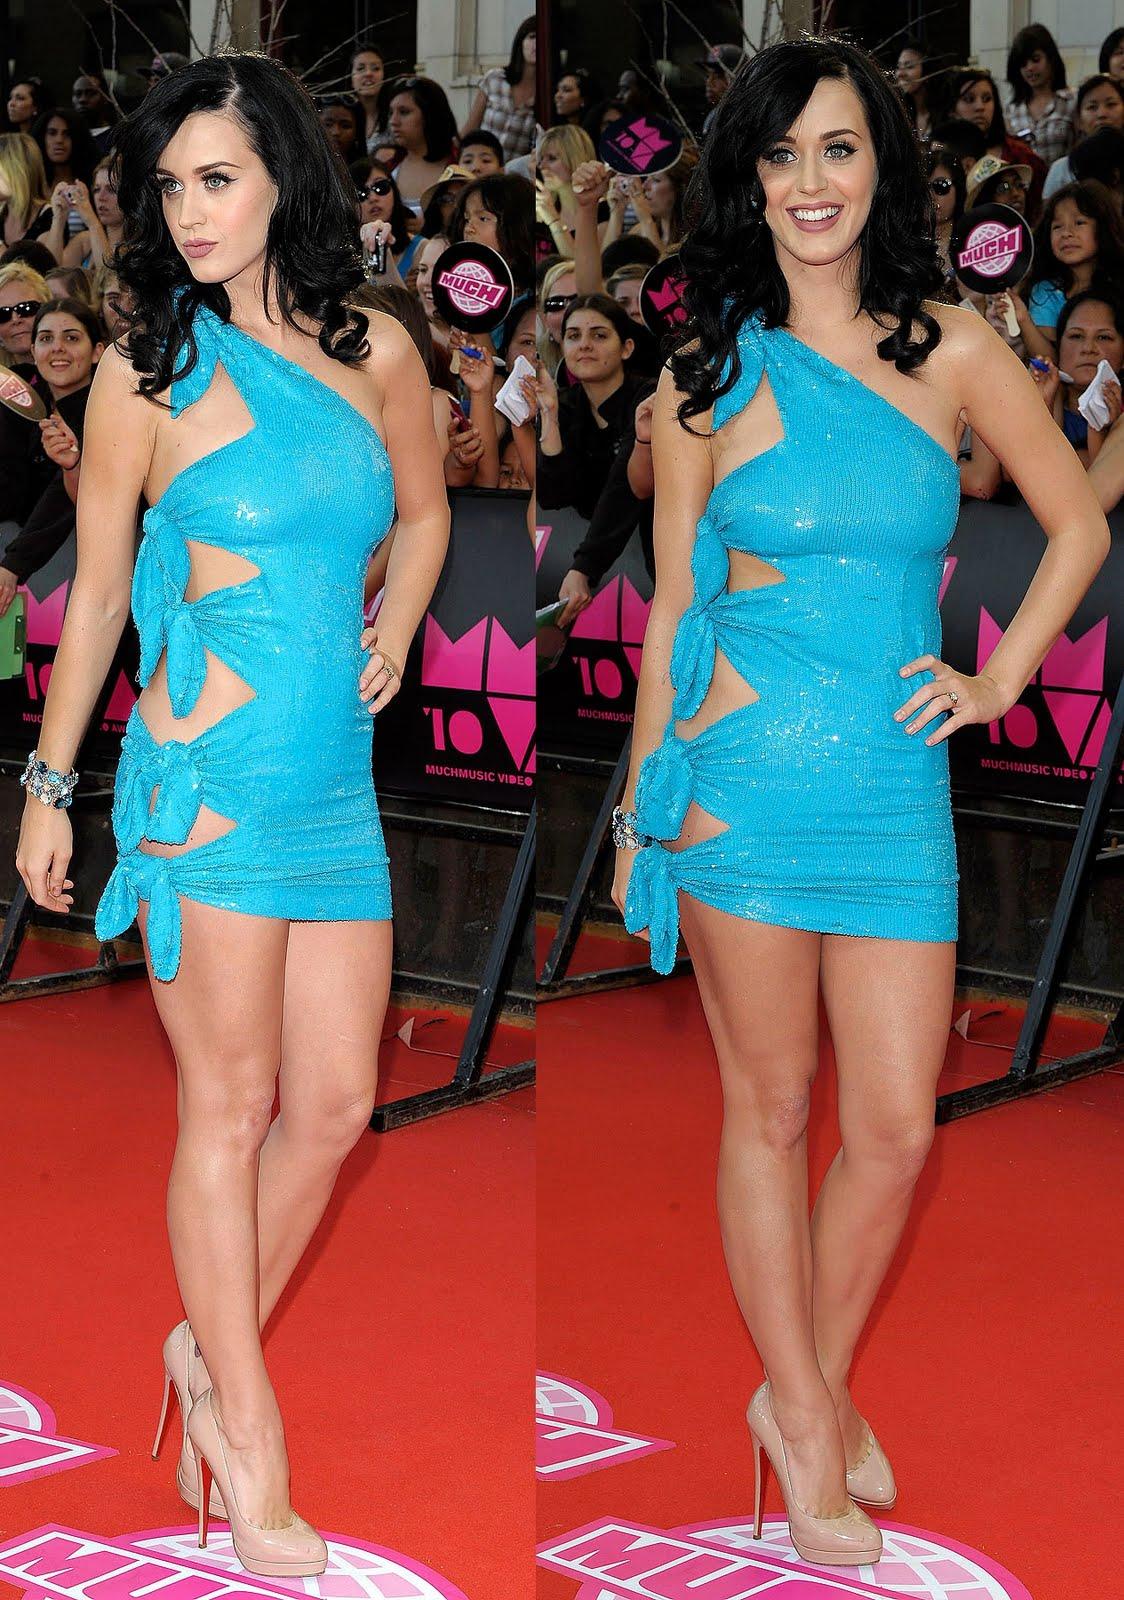 Katy Perry Galeria 2 - Sexy Modelos Famosas-9486